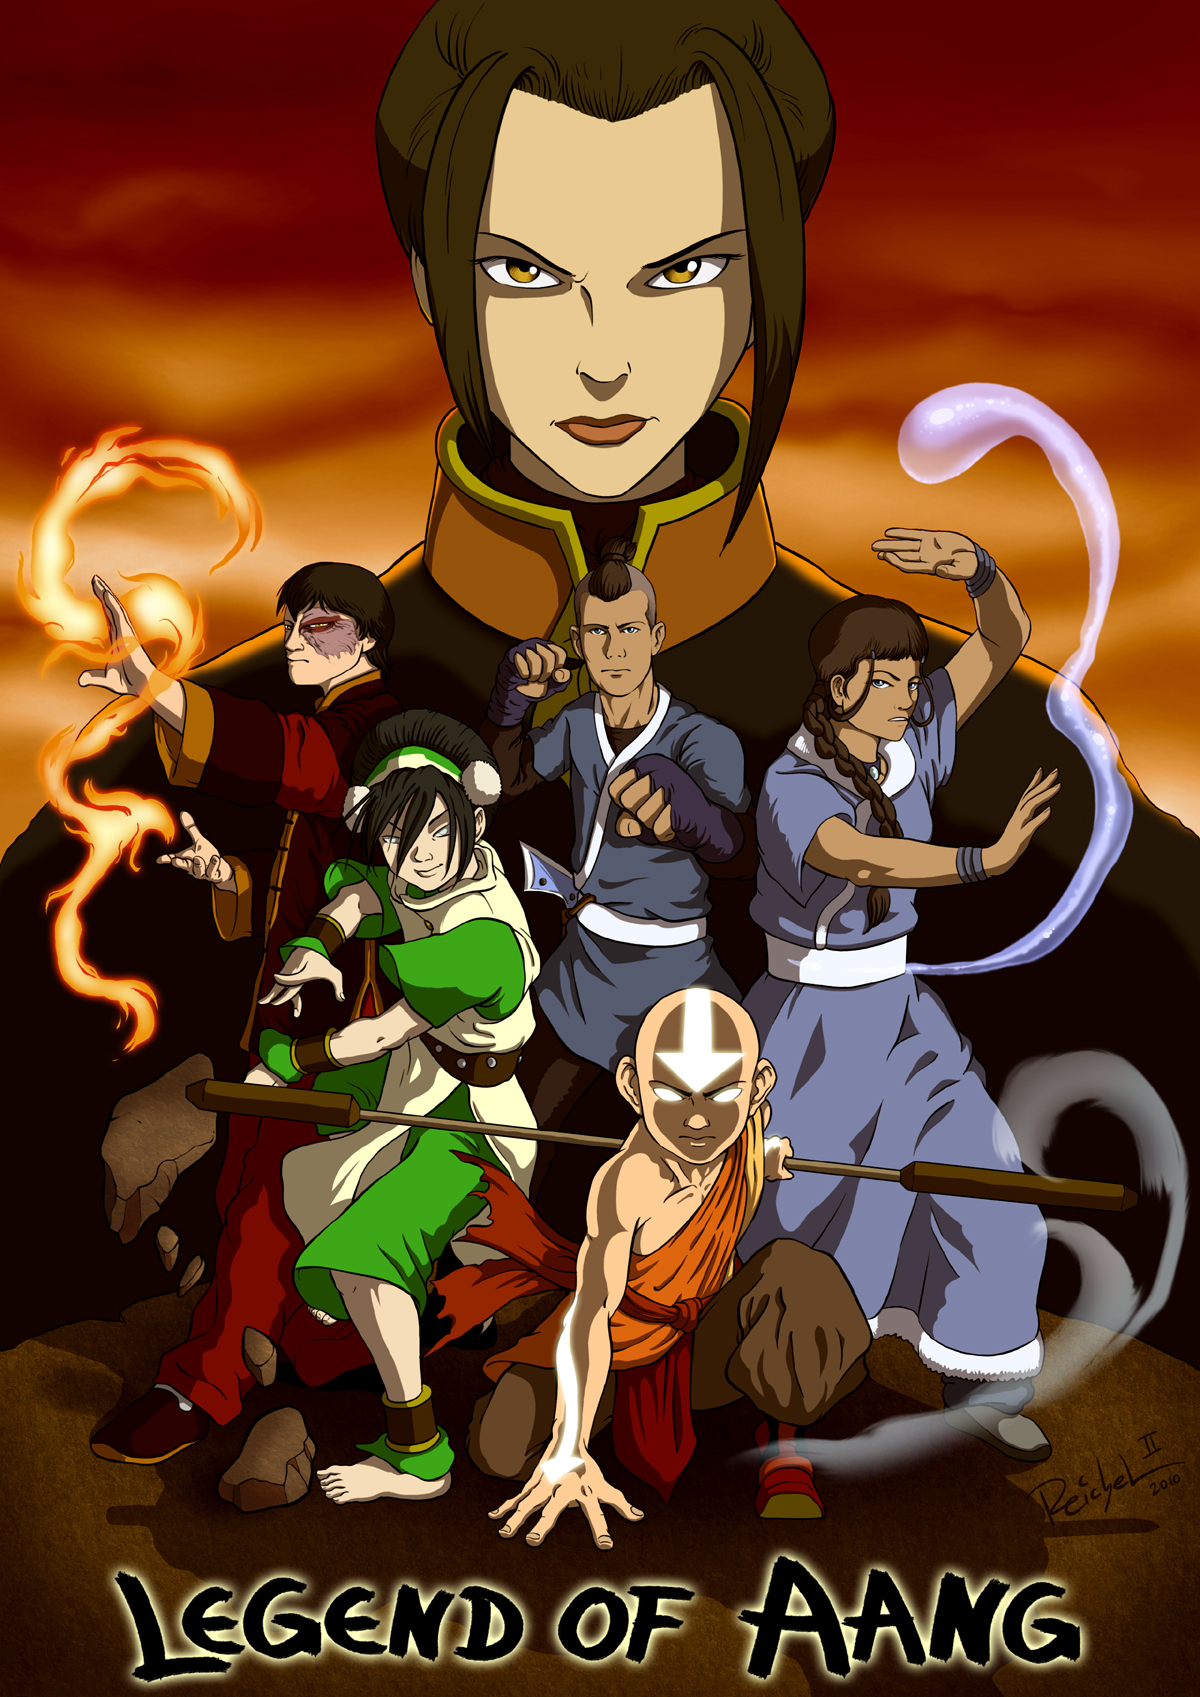 Legend of aang ein fan artwork zu der cartoon serie avatar the legend